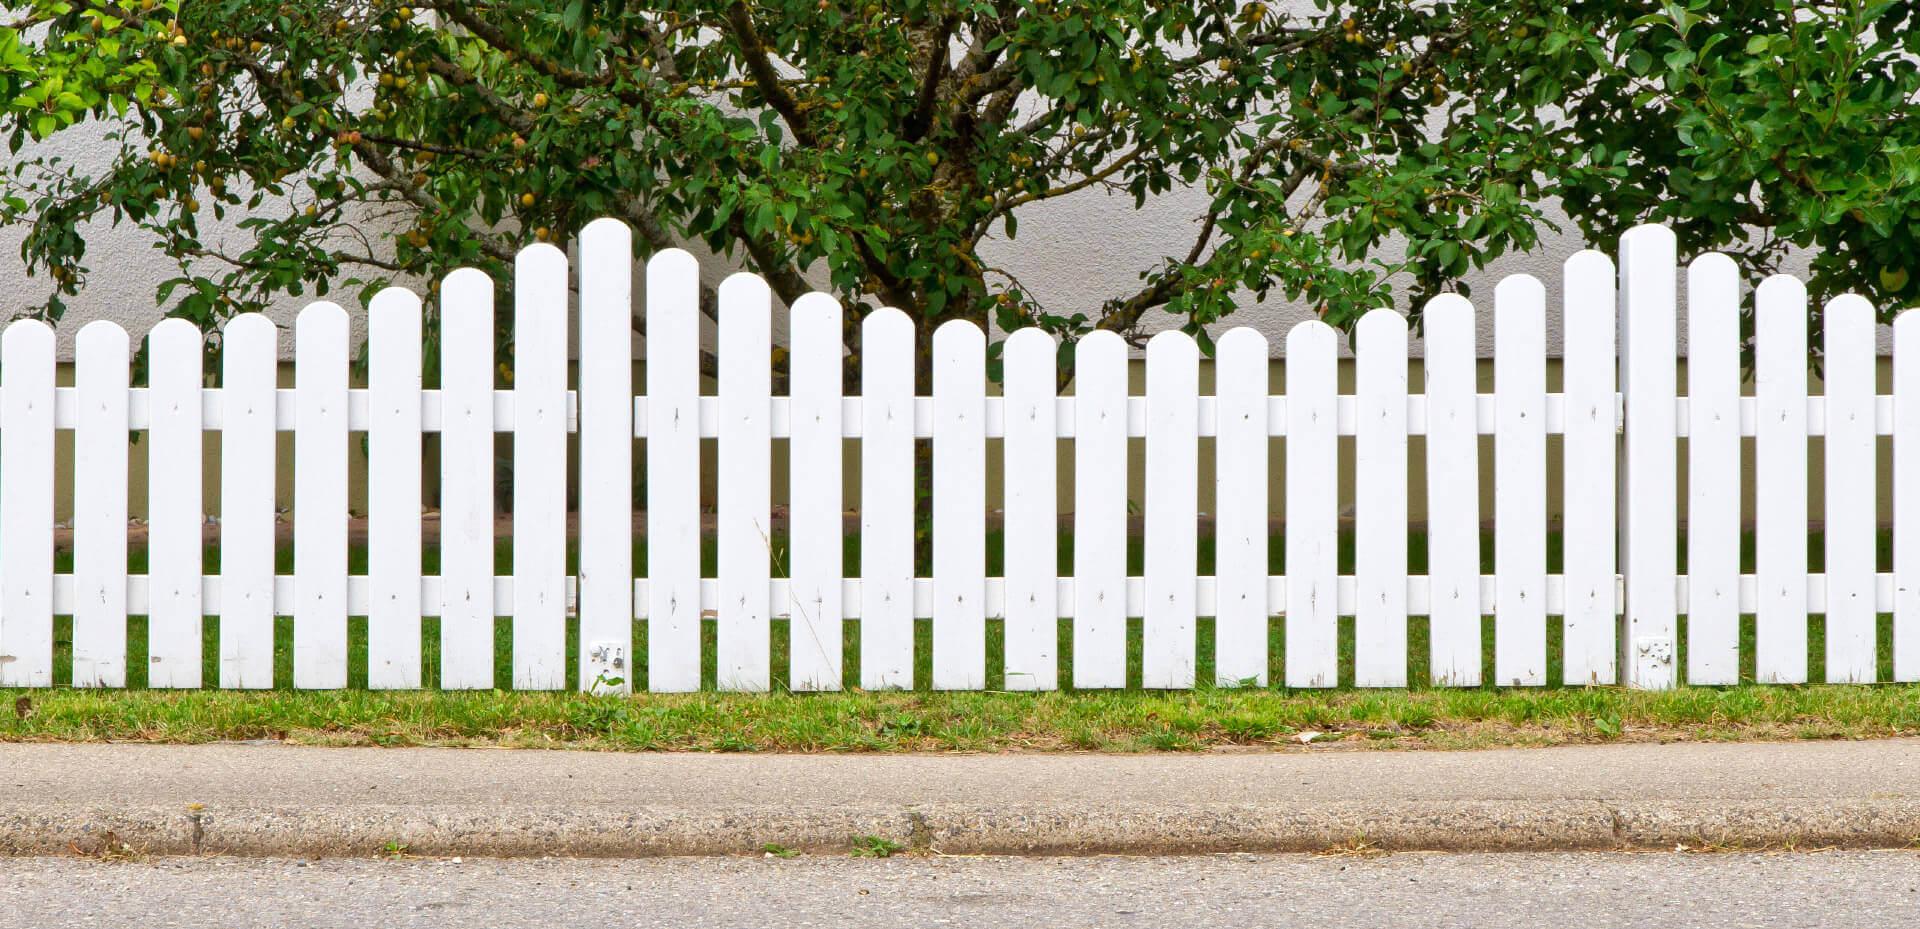 Zaun&Sichtschutz